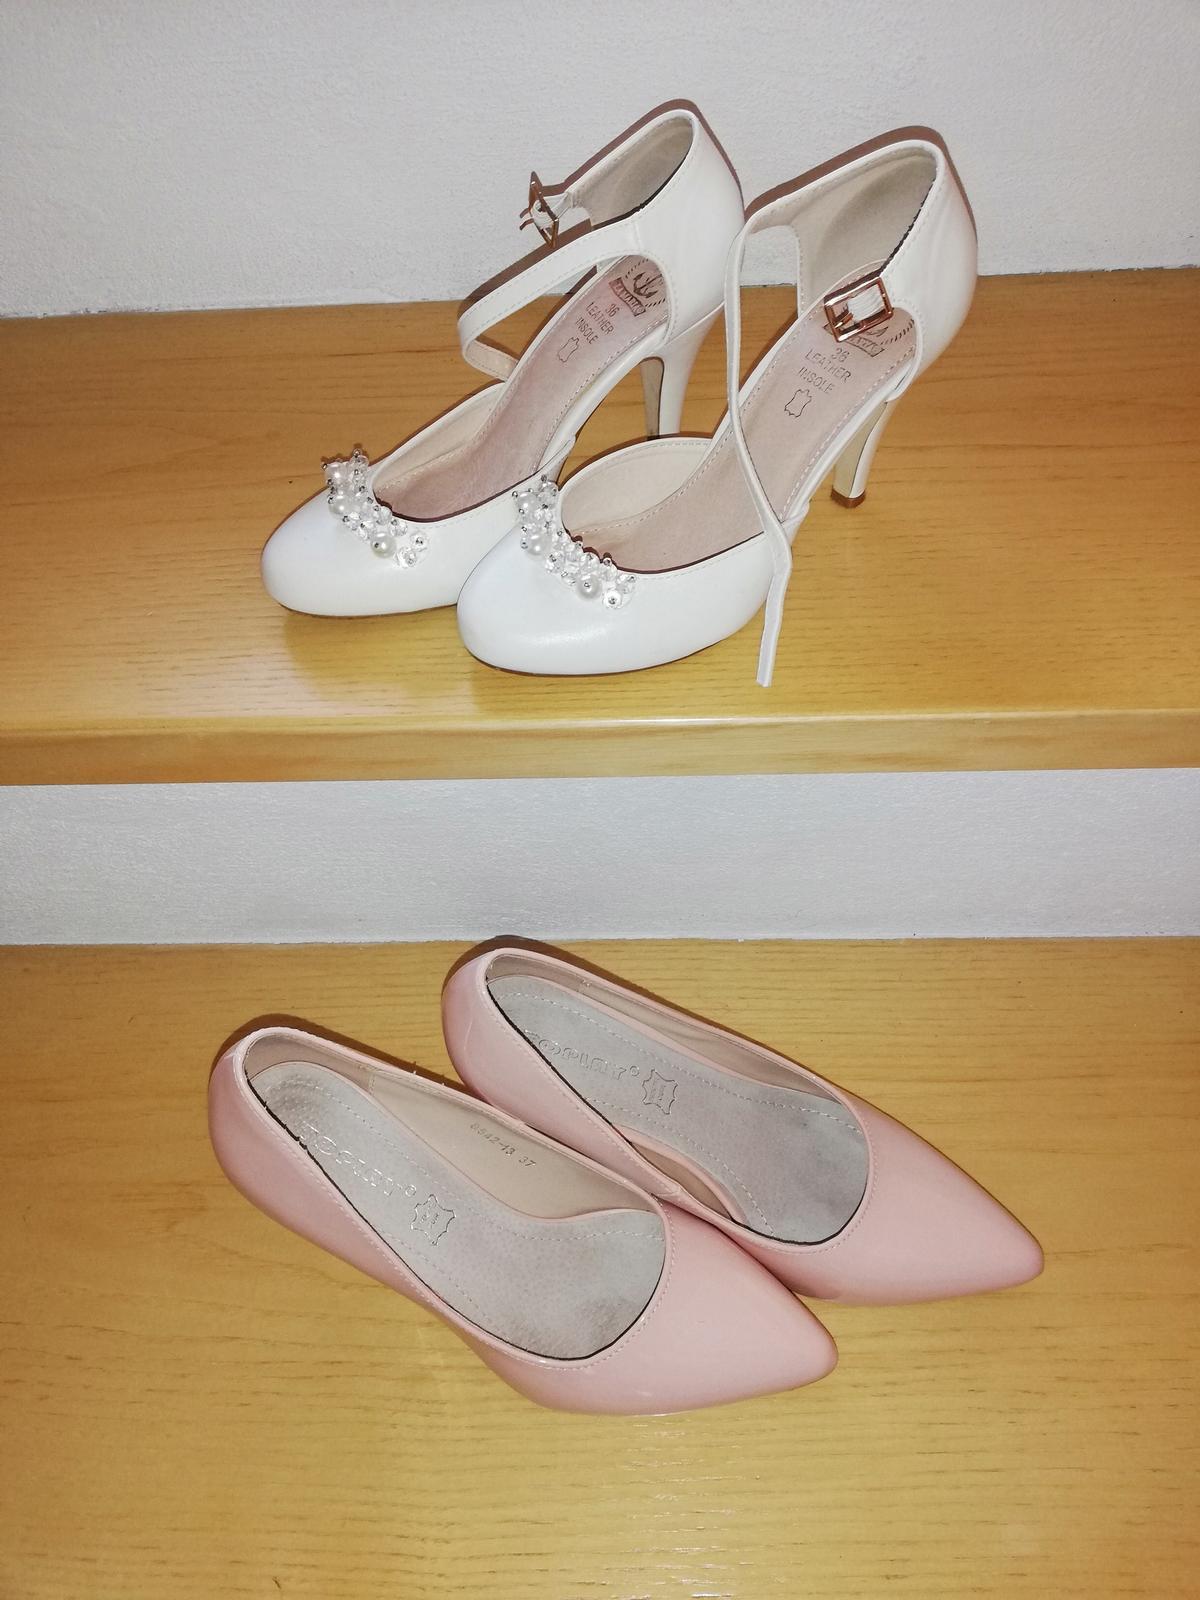 Biele topanky a ruzove lodicky - Obrázok č. 2